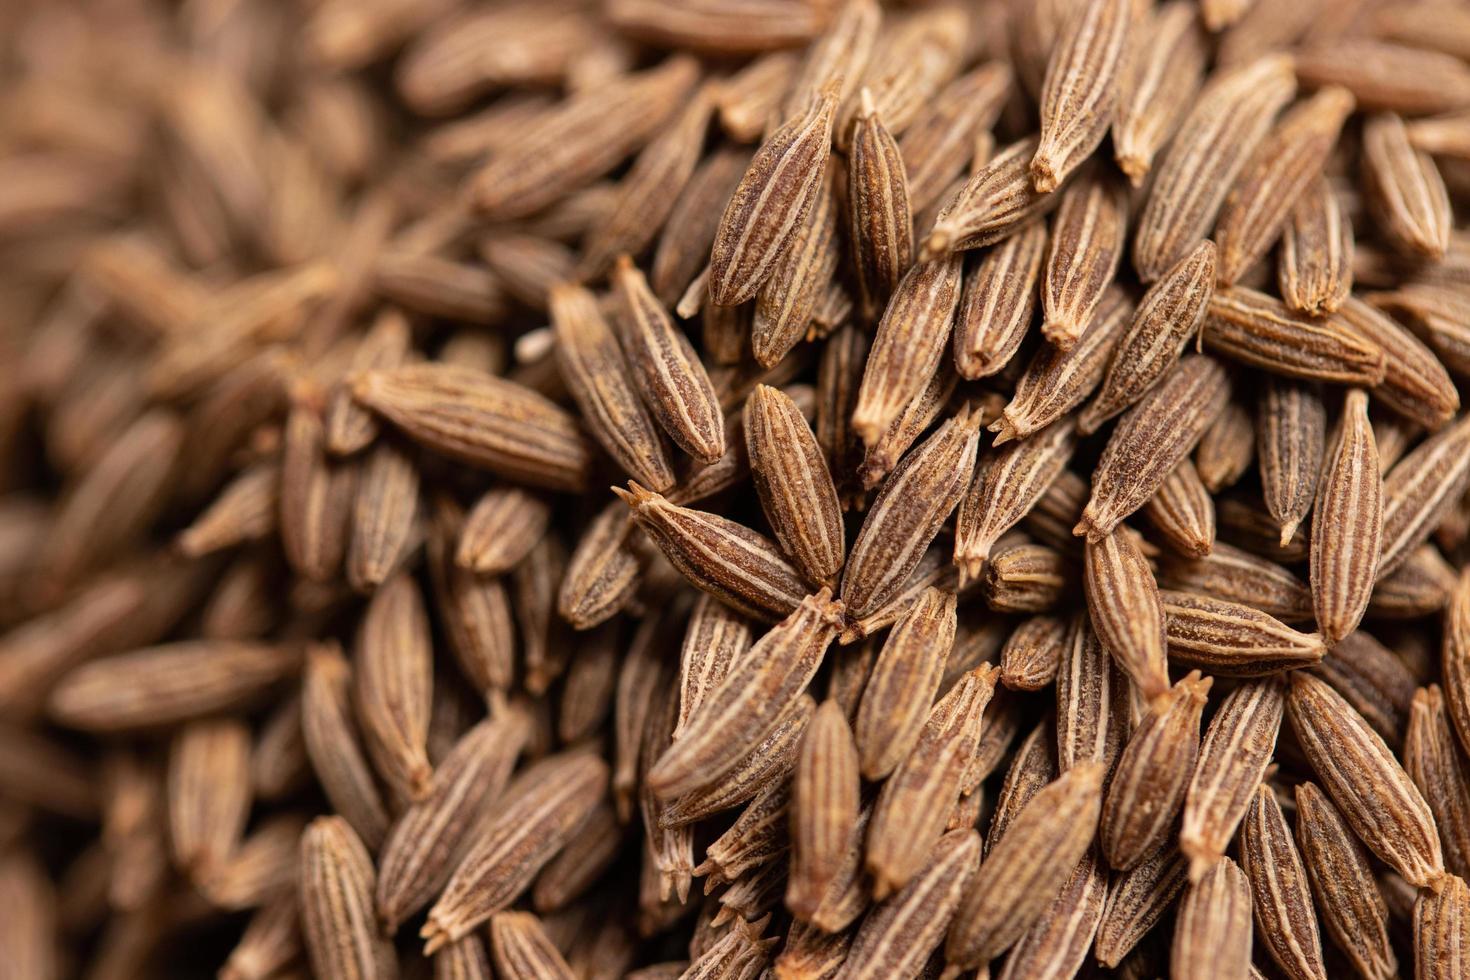 semillas de comino secas foto